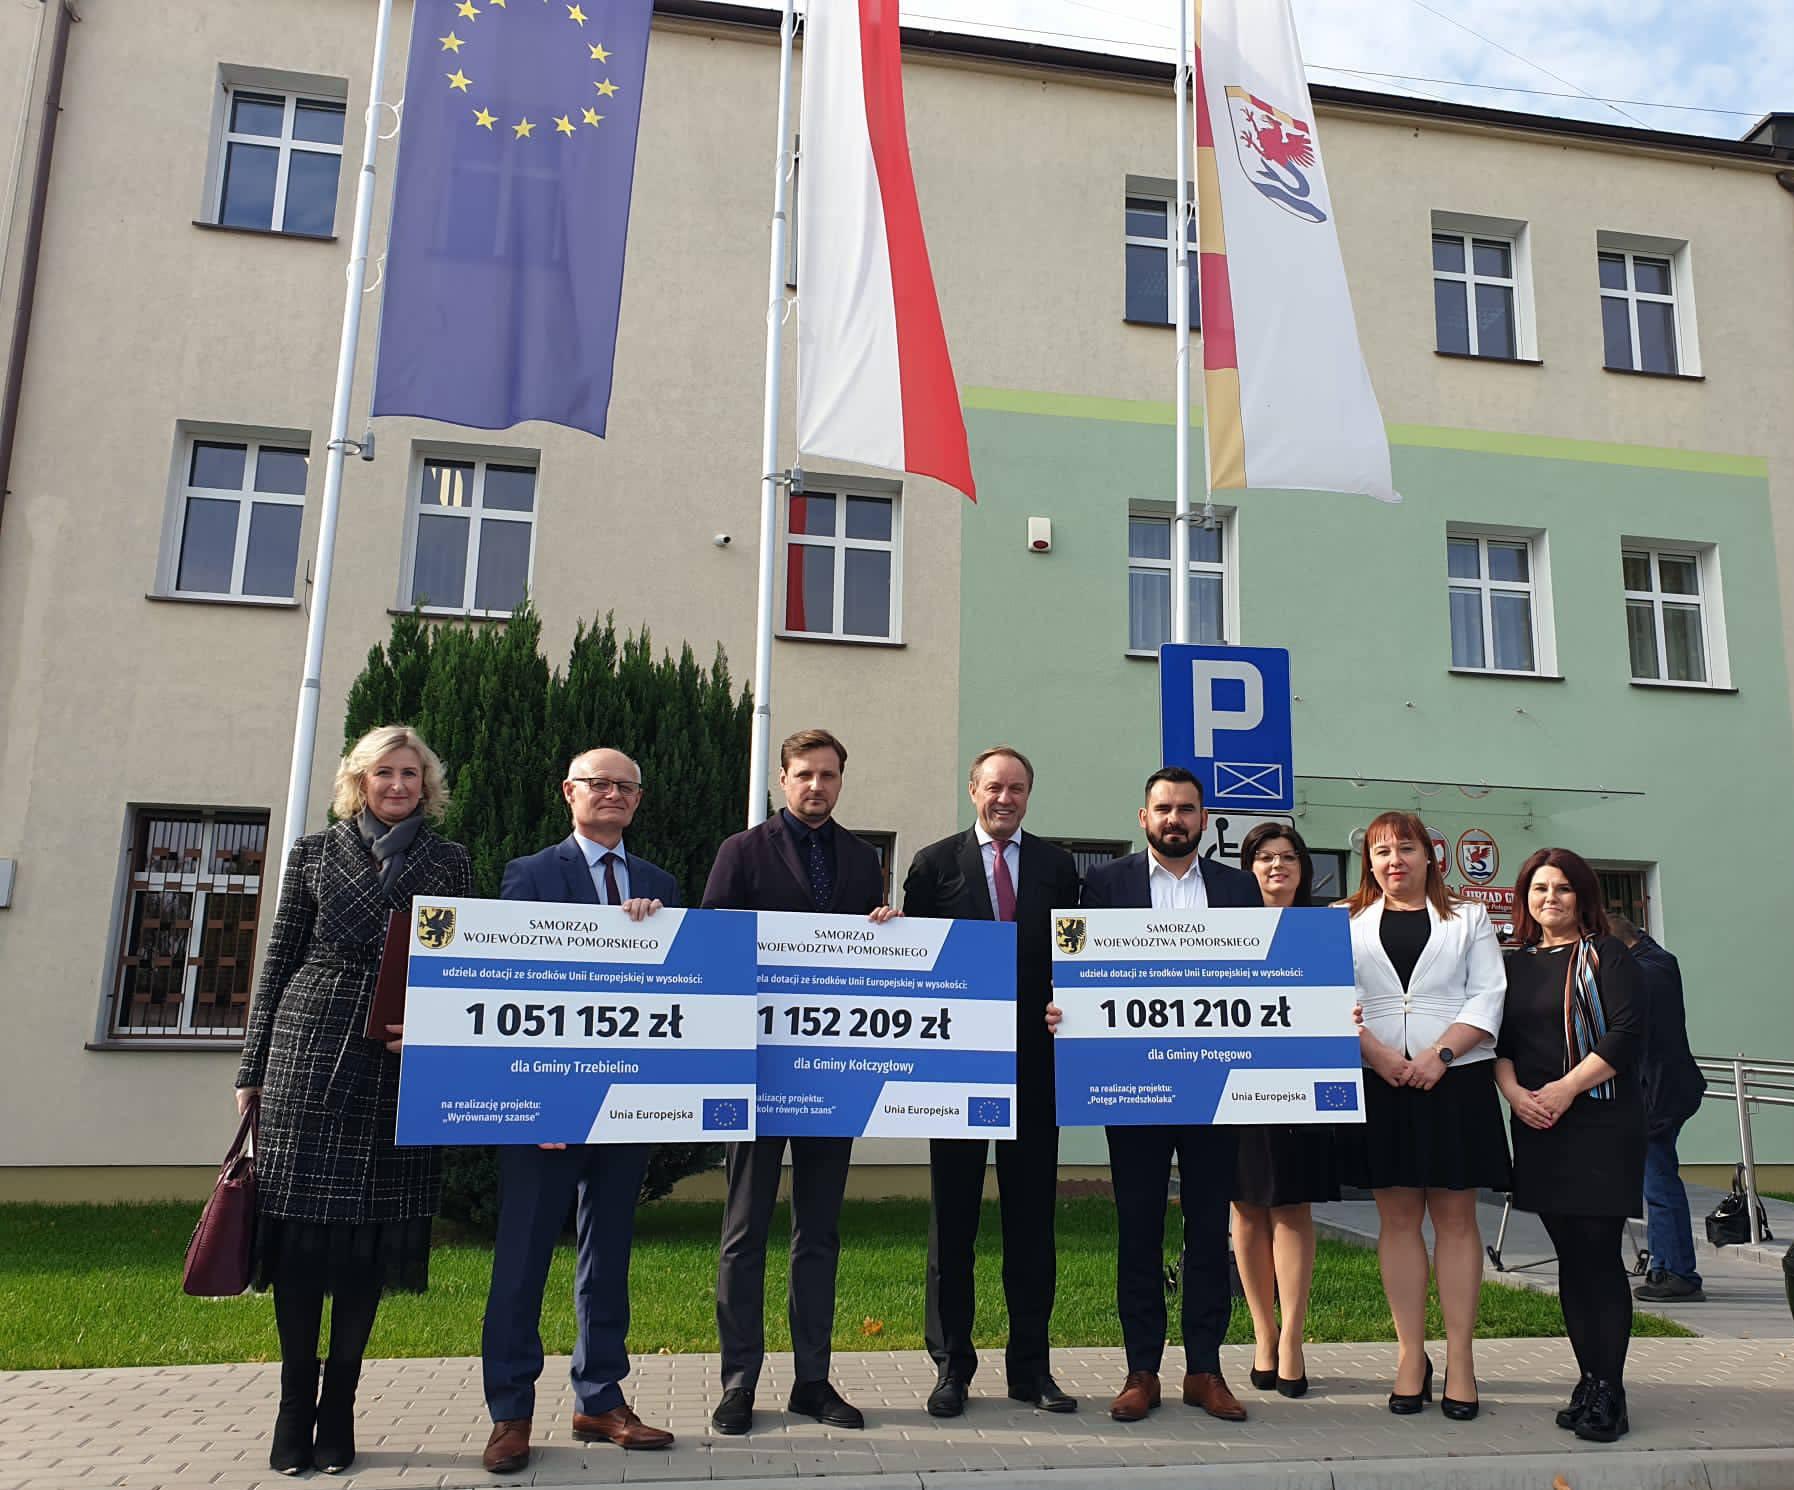 Stawiamy na edukację przedszkolną! Ponad 3,2 mln zł unijnego dofinansowania dla pomorskich gmin